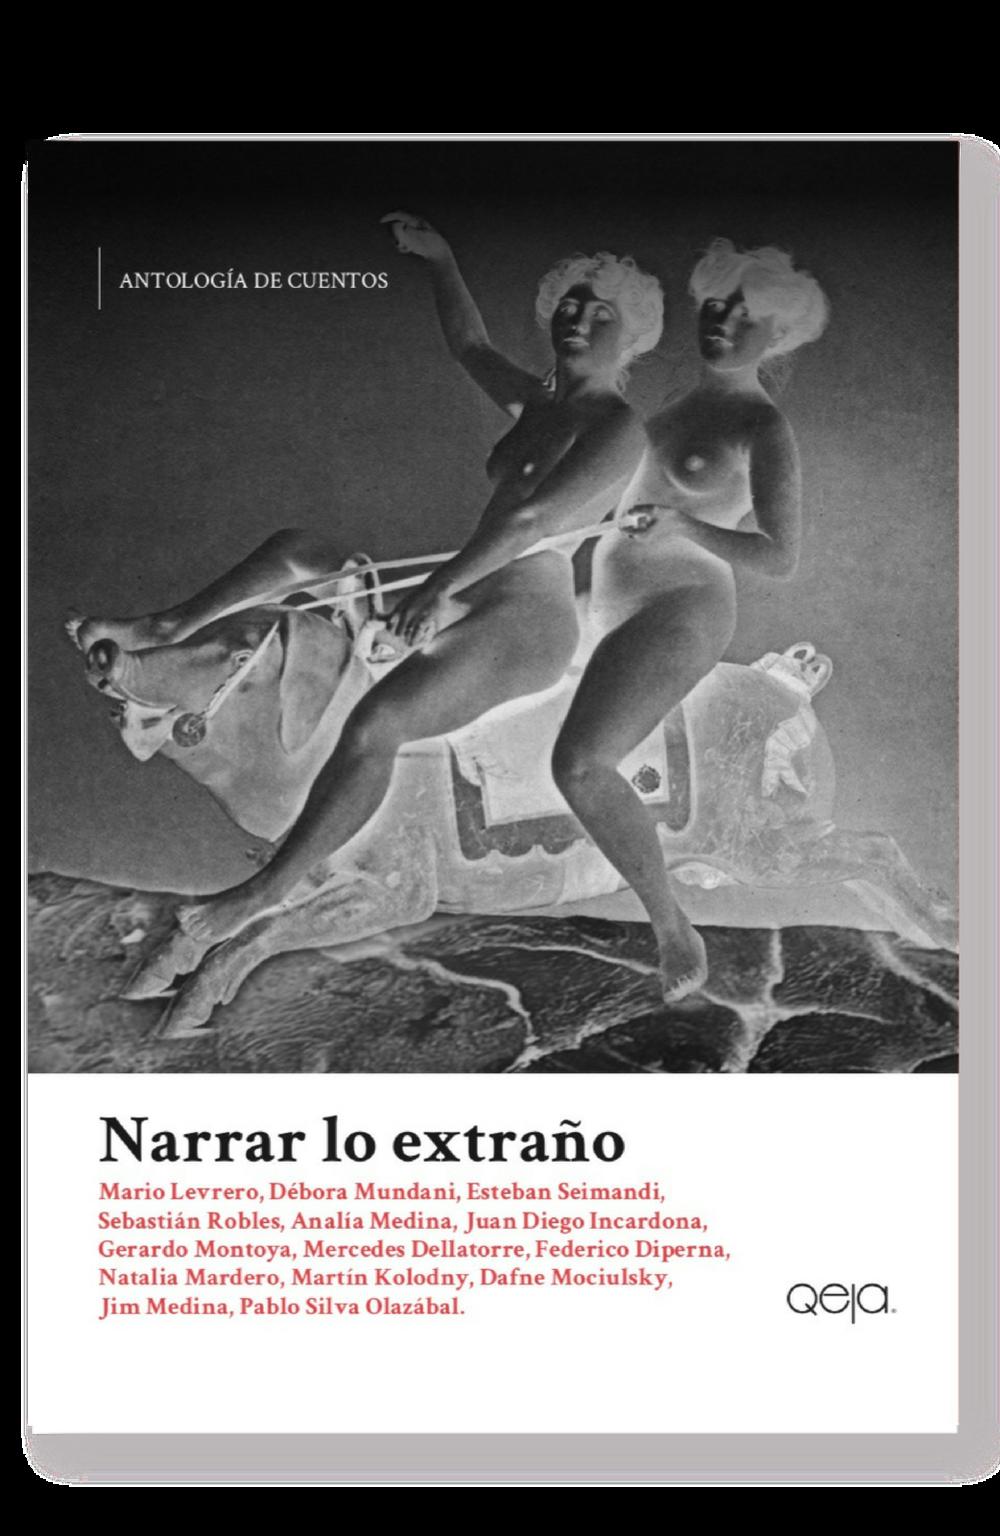 narrar-extrano-antologia.png